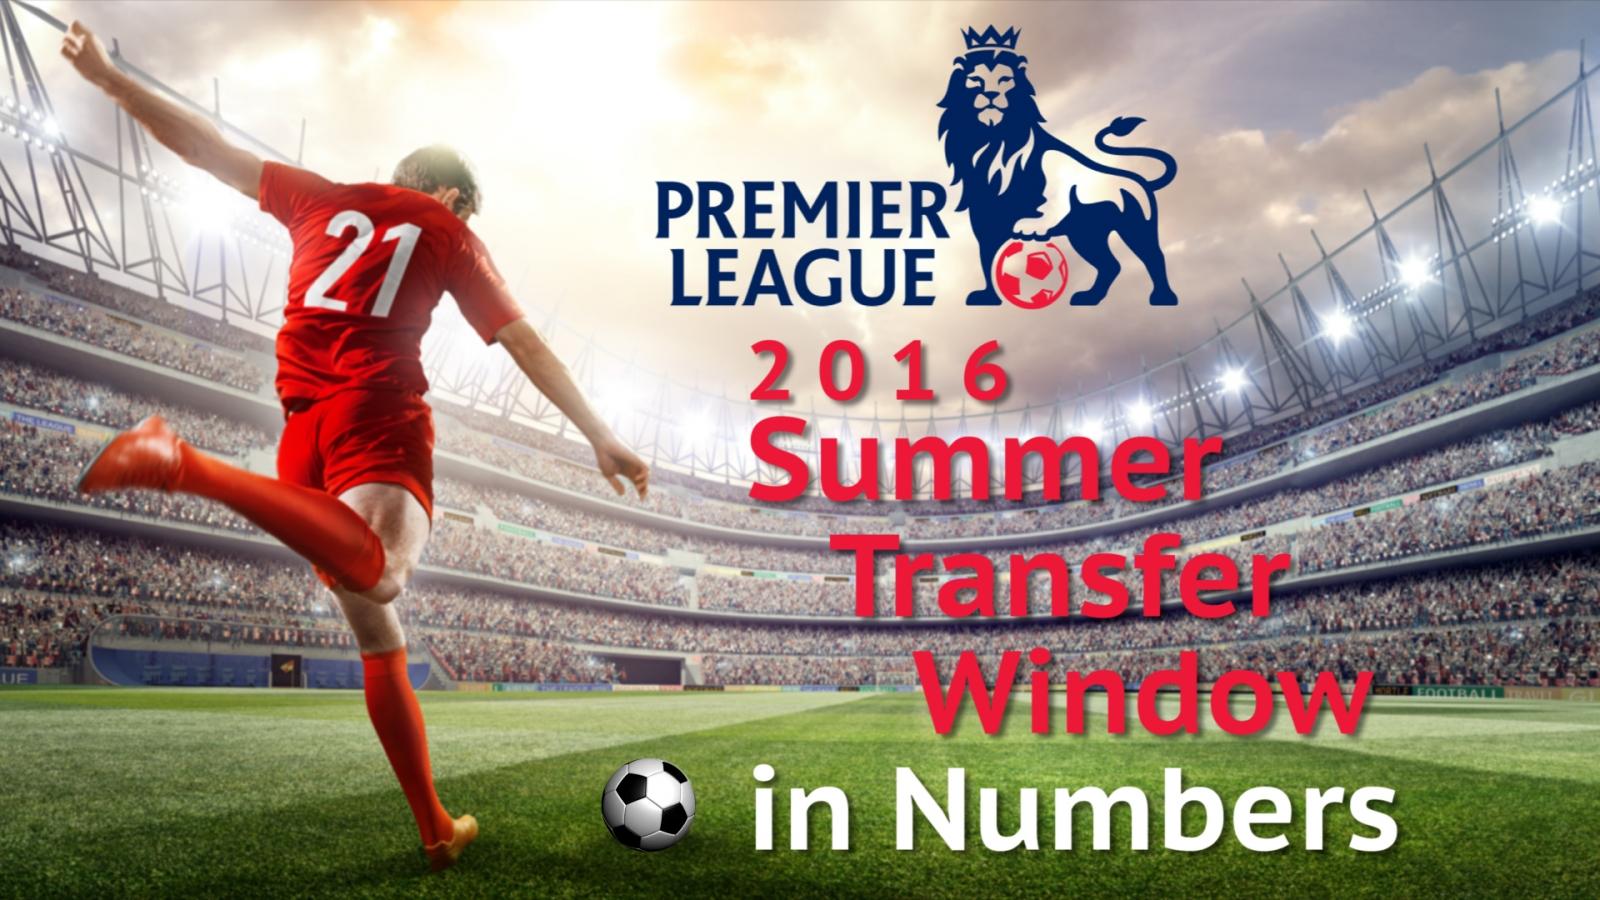 Premier League 2016 summer transfer window in numbers